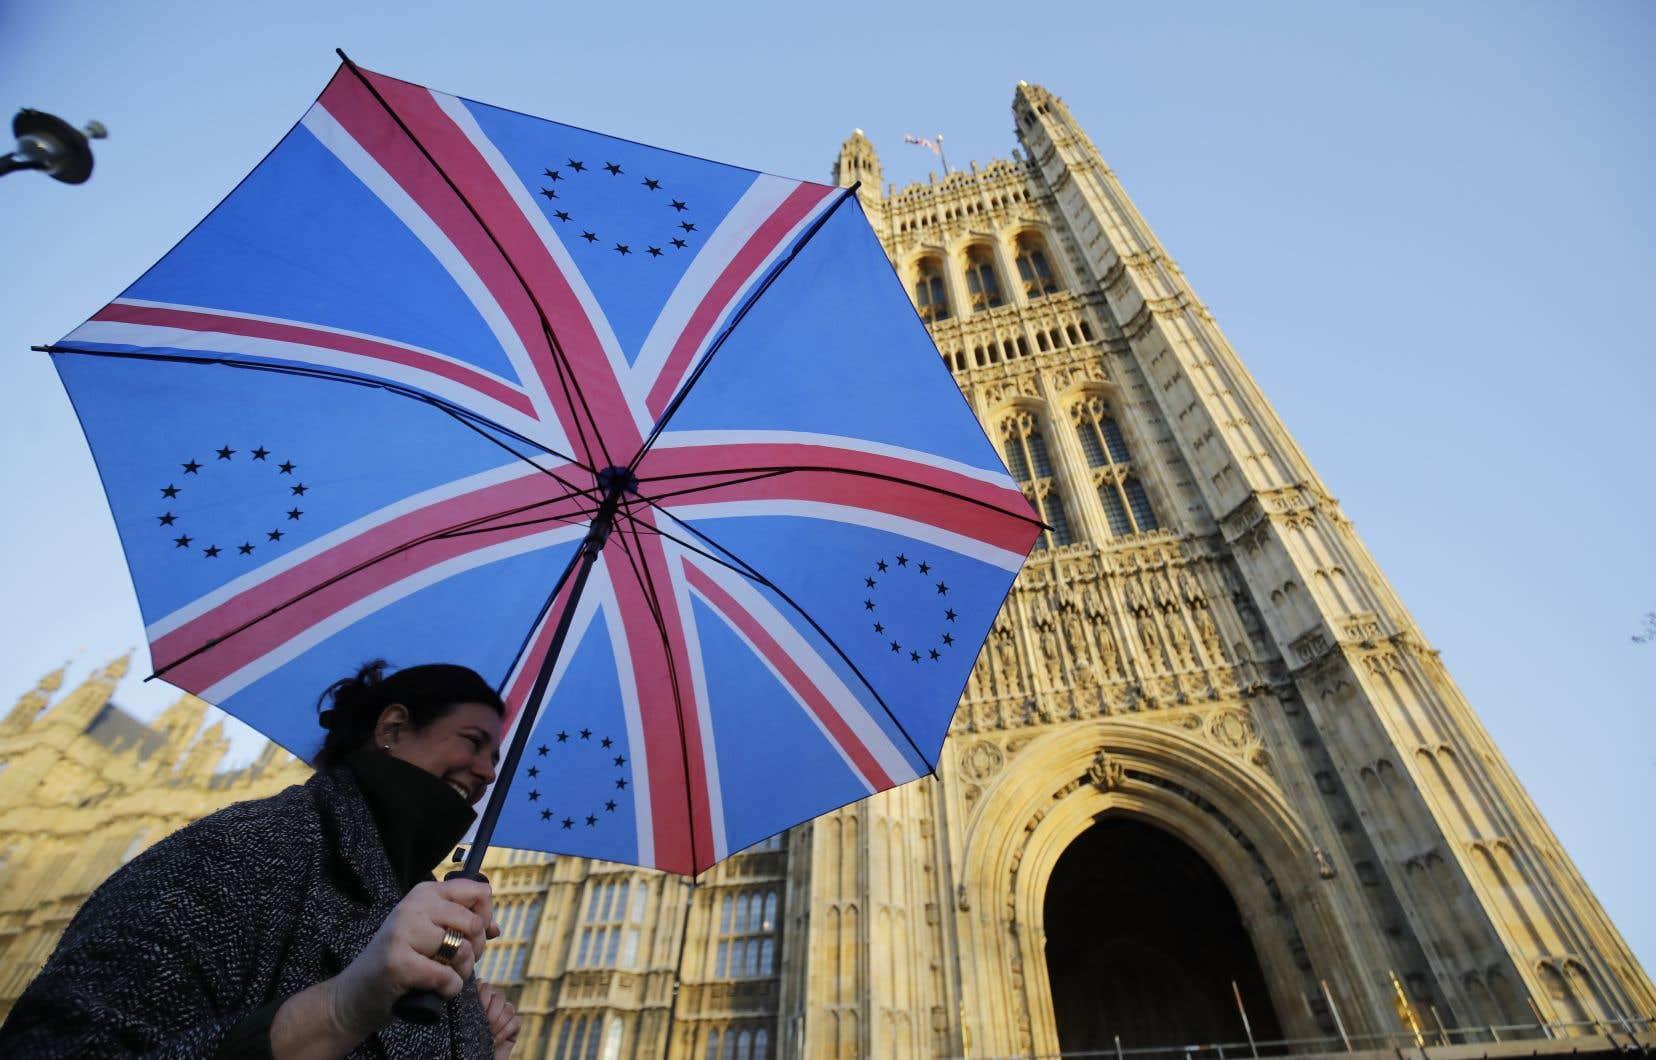 Le Parlement et le pays sont profondément divisés sur les modalités de mise en oeuvre de la sortie de l'Union européenne.